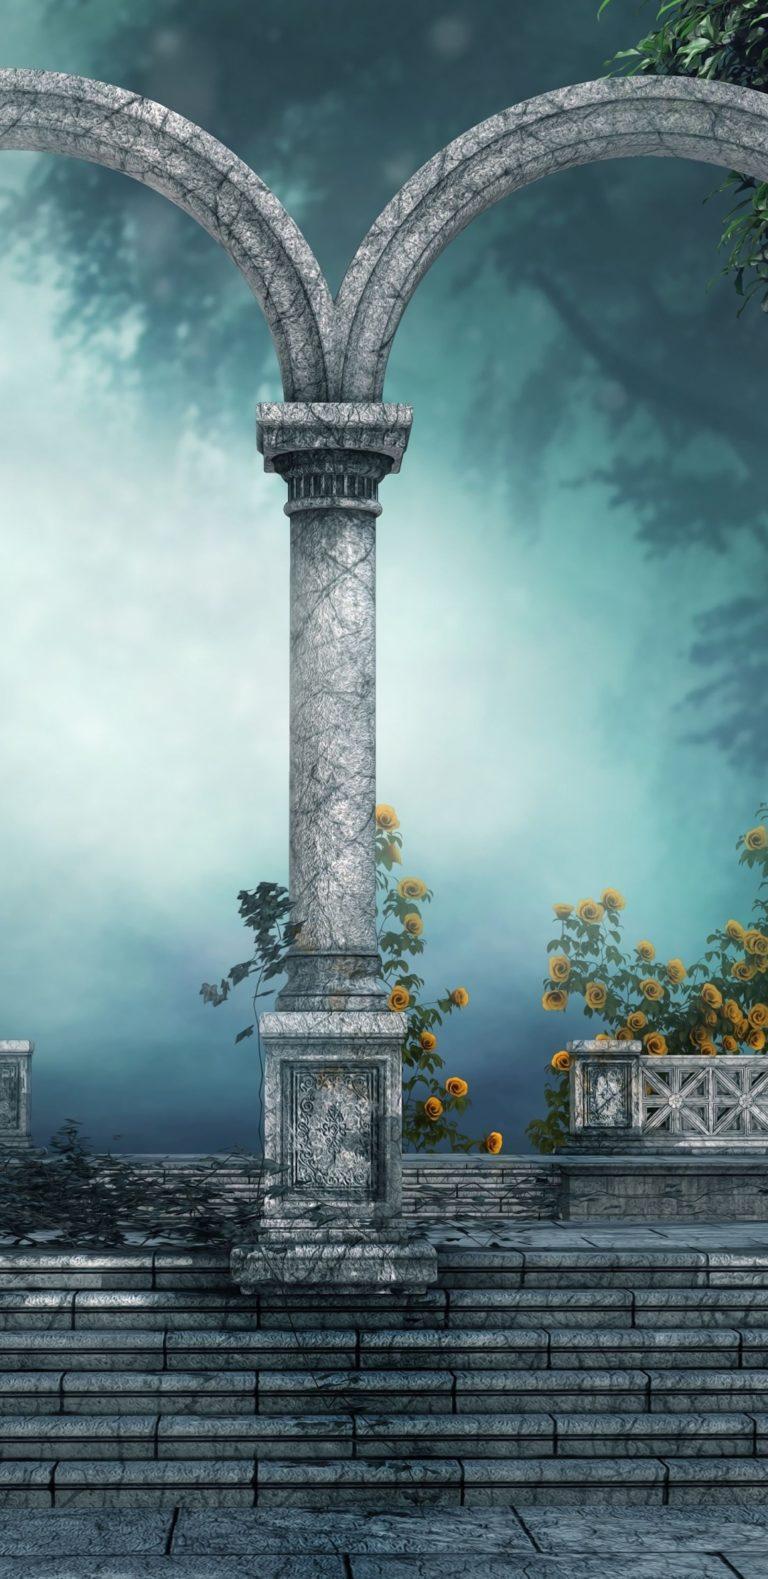 Arch Forest Gate Door 3d Art 1080x2220 768x1579